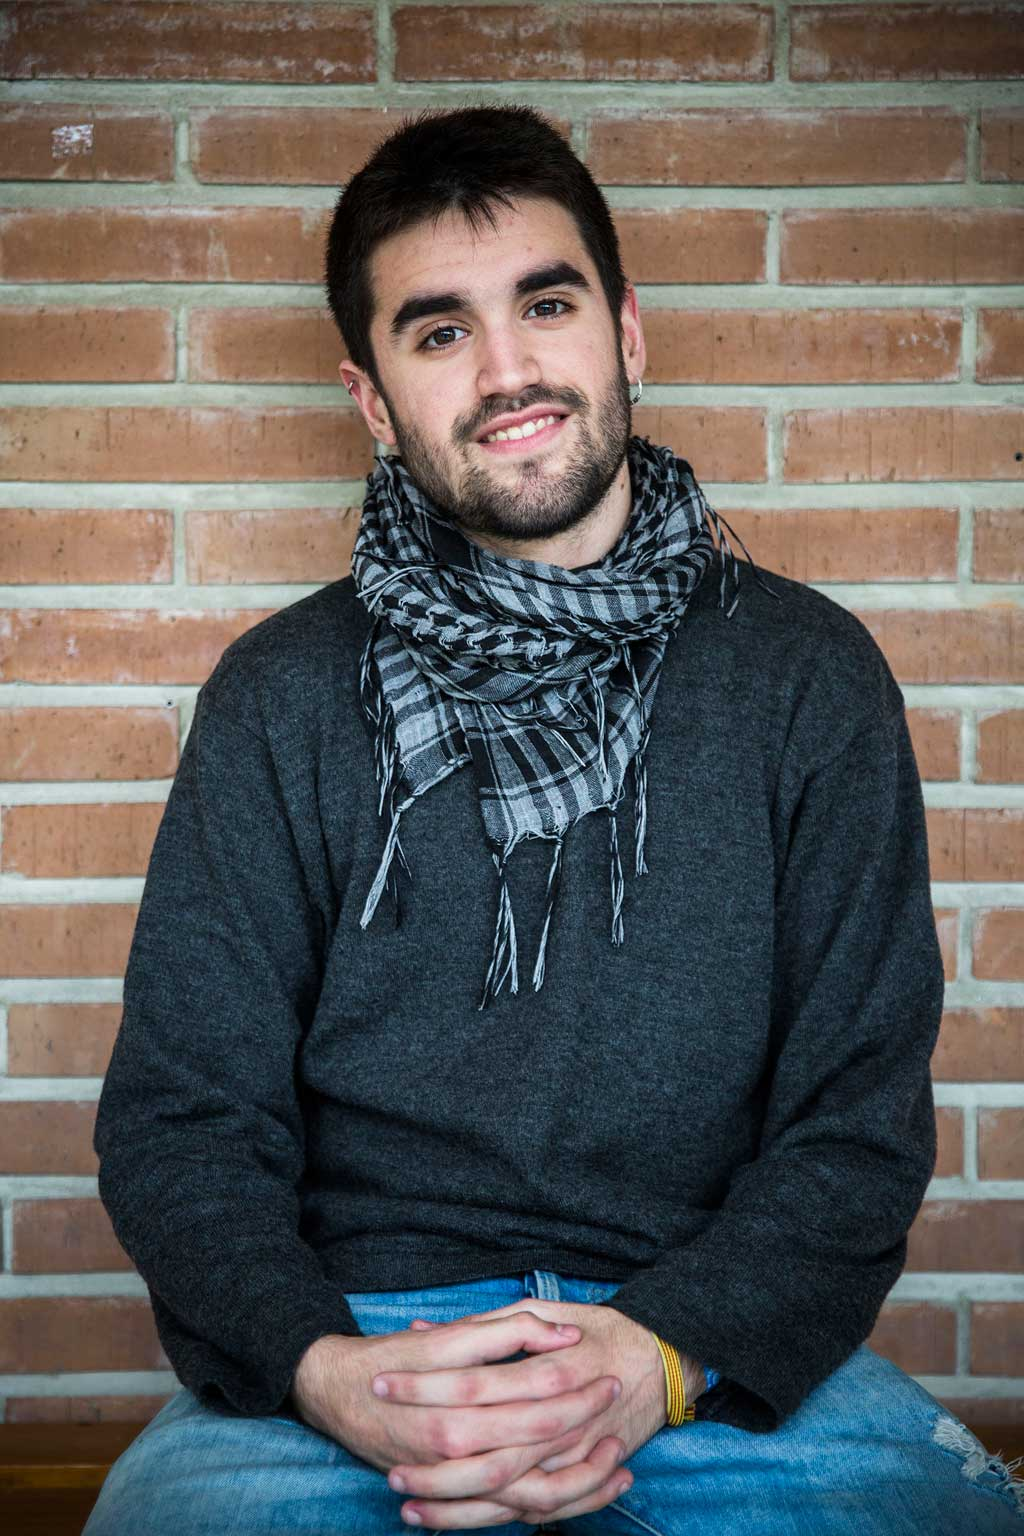 Rubén Fernández, estudiant d'Economia i membre del Consell de Govern. Pertany al sindicat d'estudiants Bloc d'Estudiants Agermanats (BEA-ÍTACA). Foto: Miguel Lorenzo.